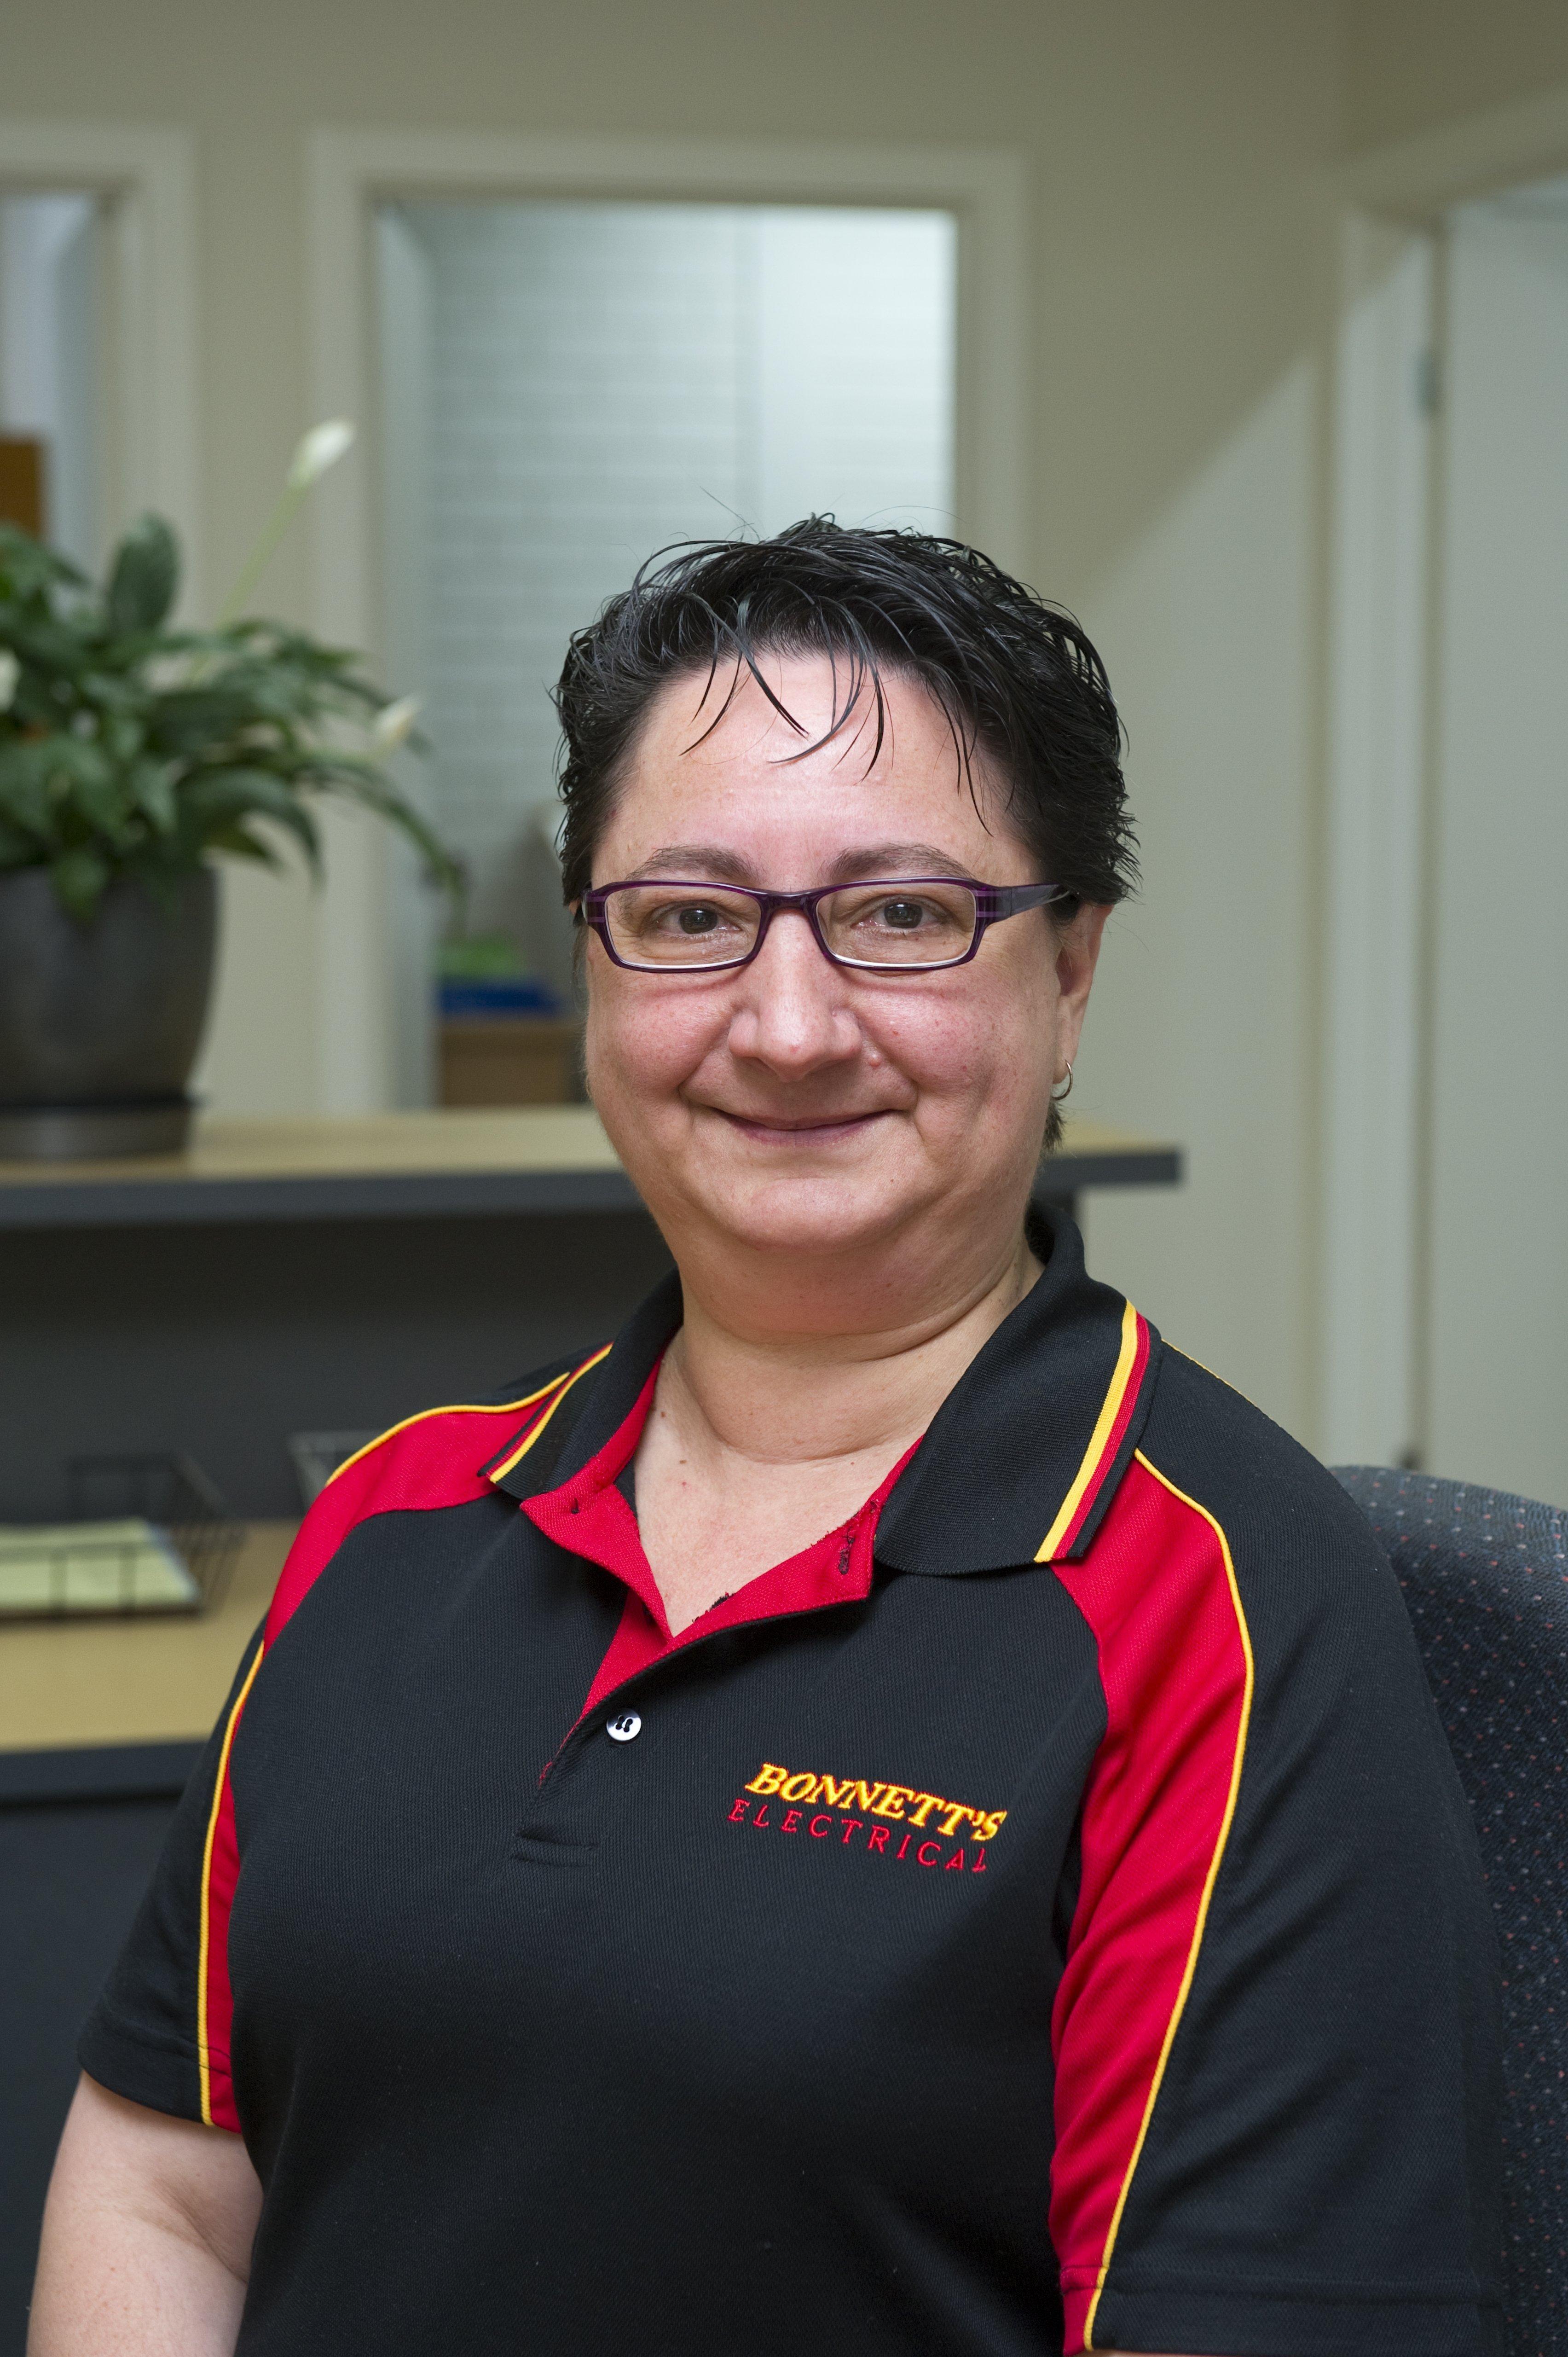 Caroline Office Manager